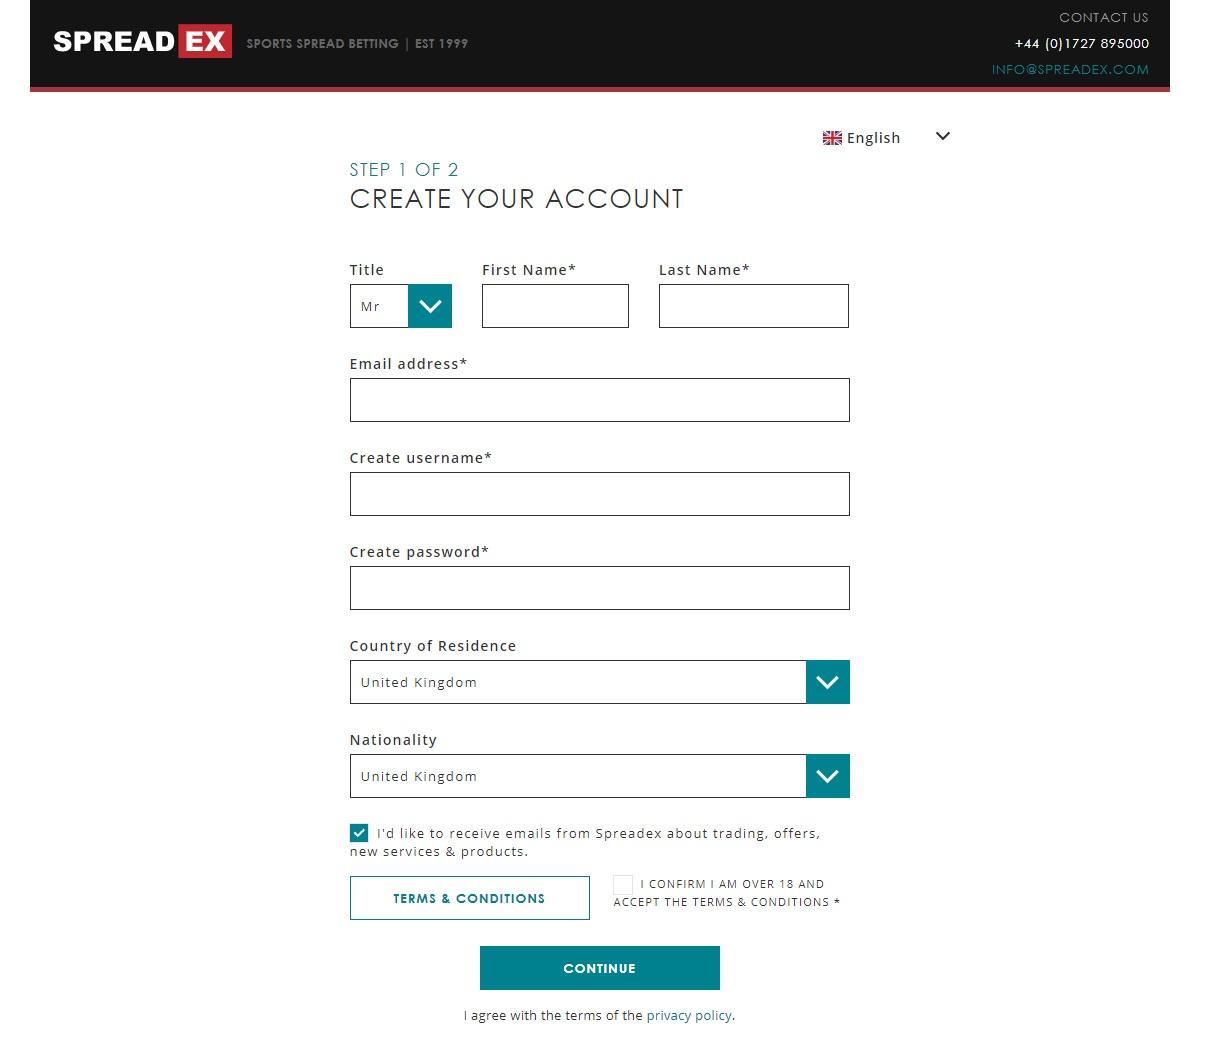 Registration at Spread ex